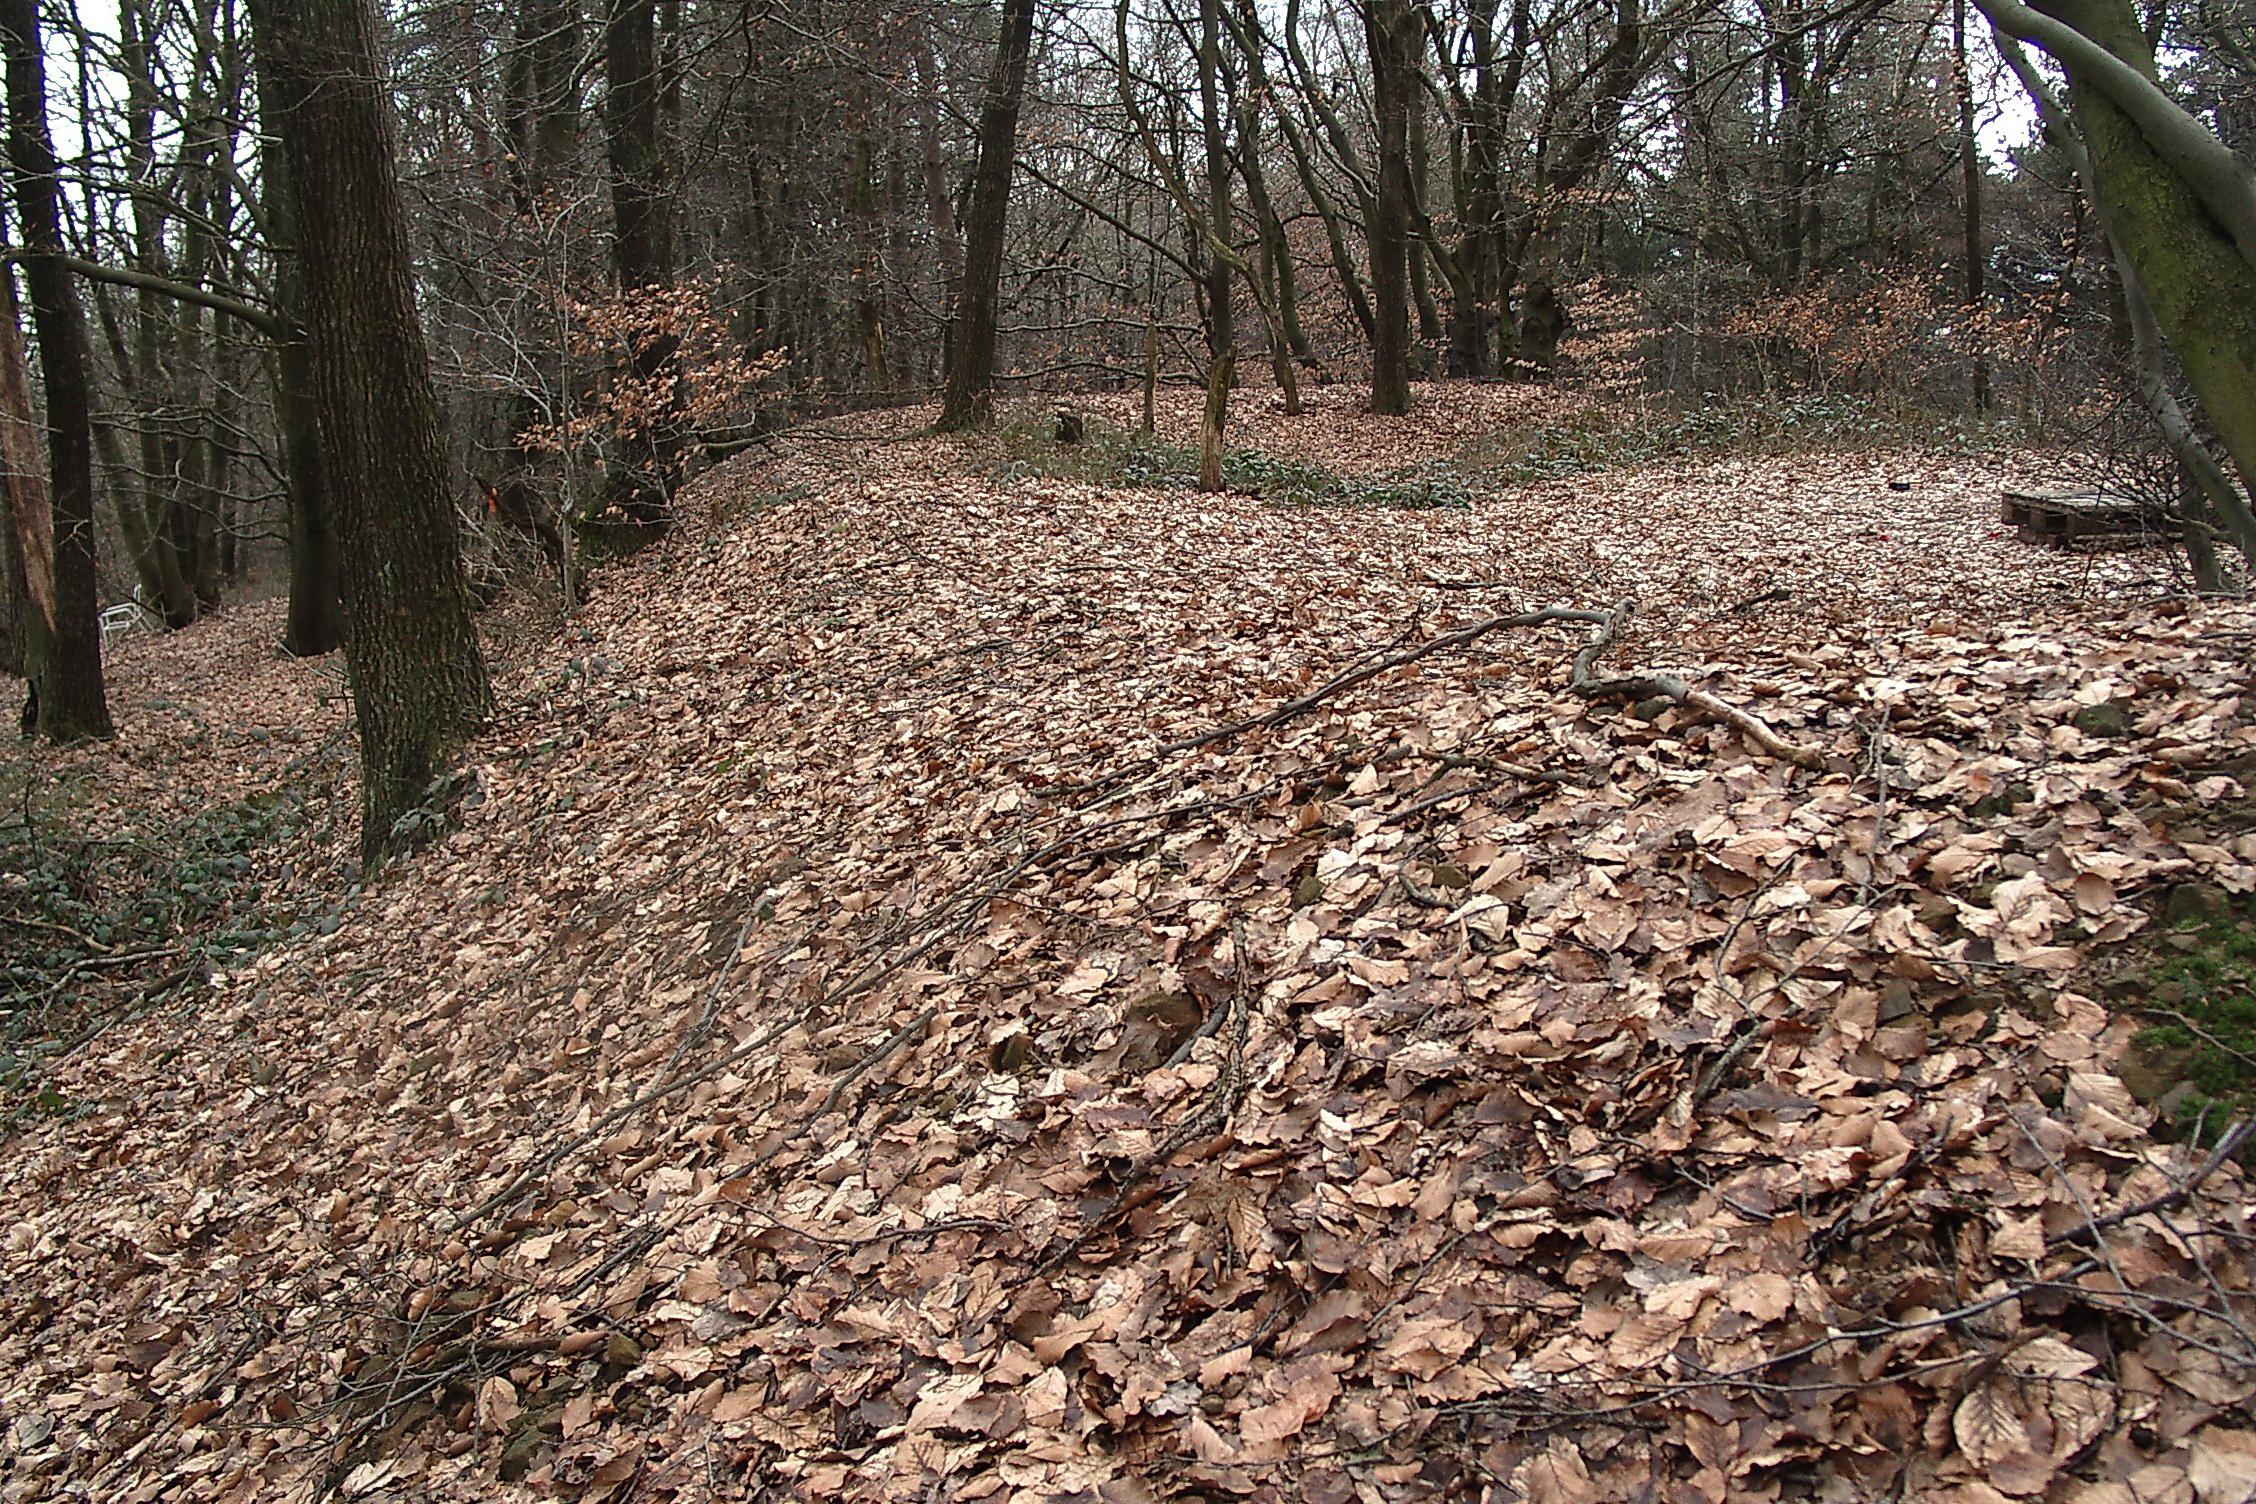 Der Verteidigungswall auf dem Bußberg, auch Schwedenschanze genannt, ist noch heute im Gelände zu erkennen (Foto: Heinz-Dieter Zutz).